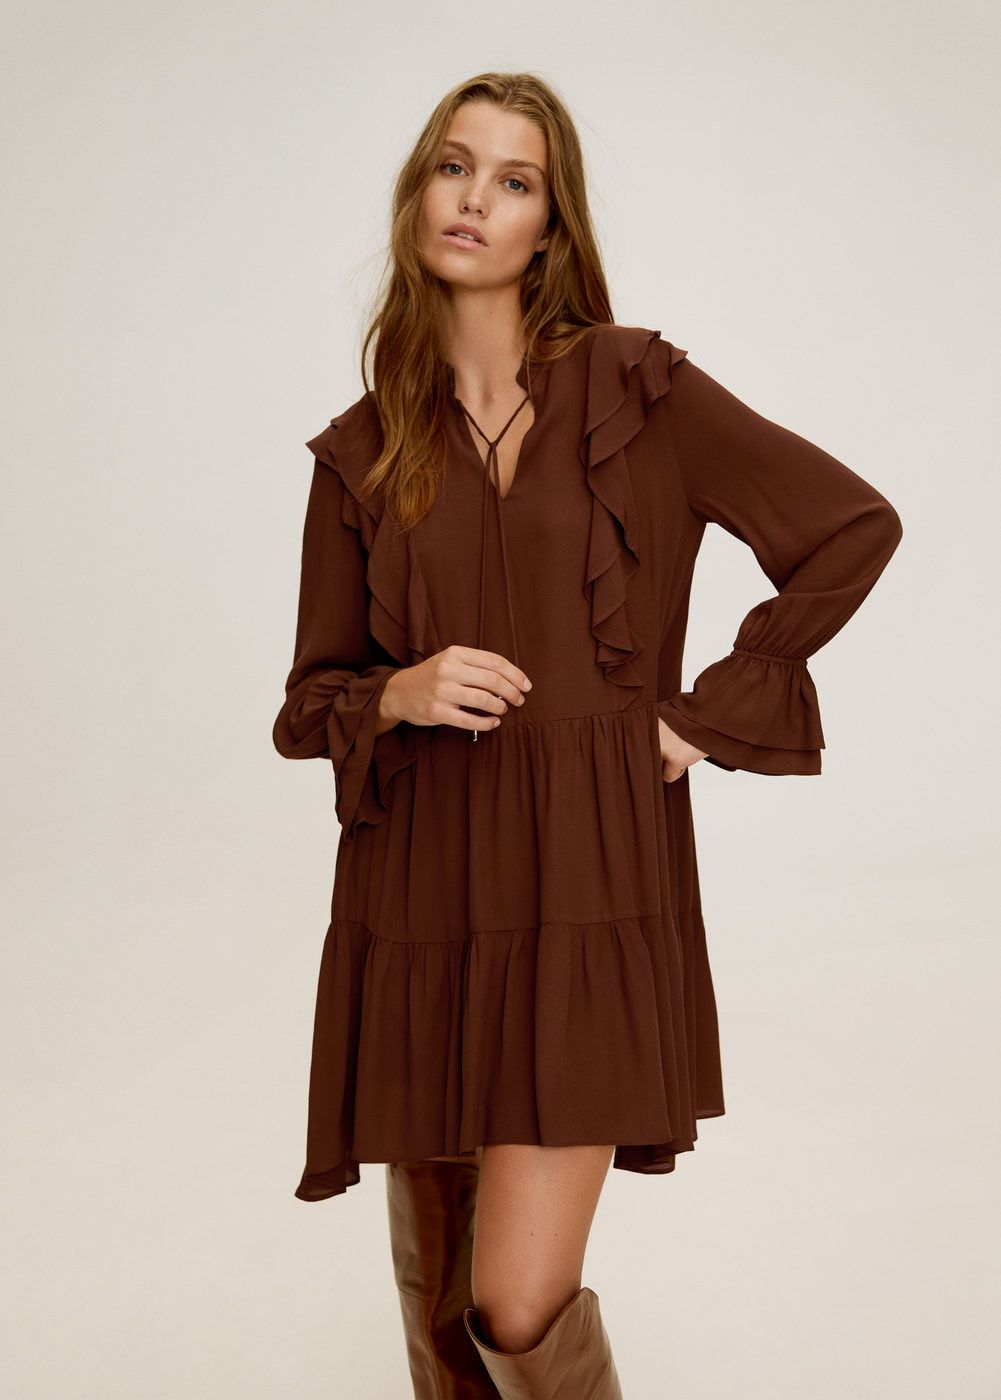 Short Ruffled Dress Women Mango Usa Kleider Fur Frauen Ruschenkleid Coole Kleider